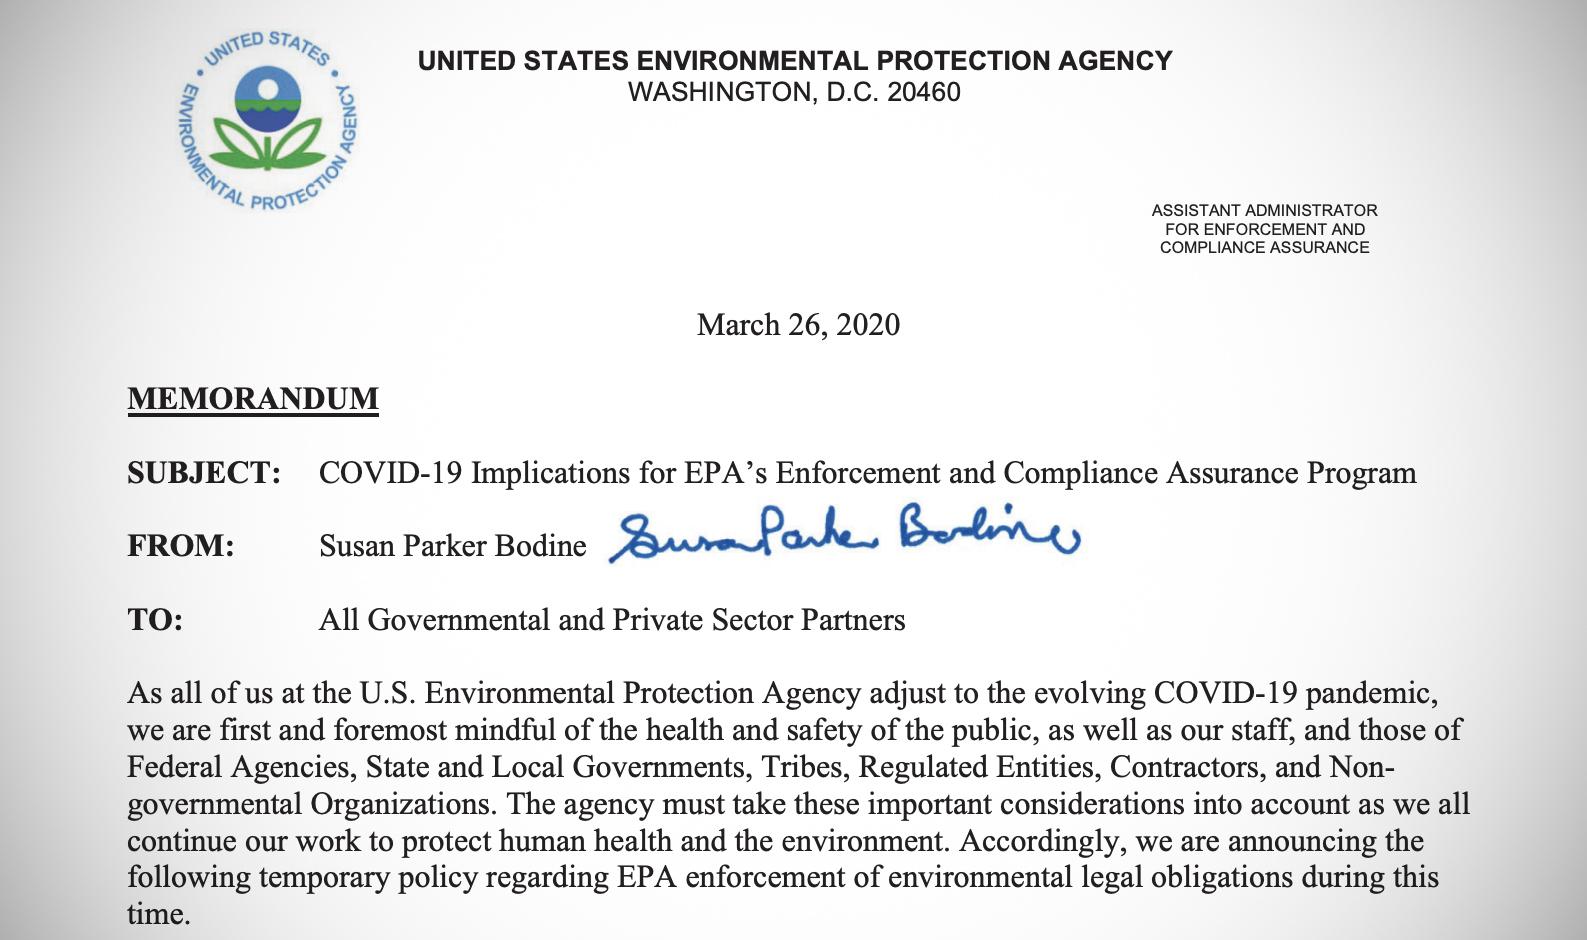 EPA policy